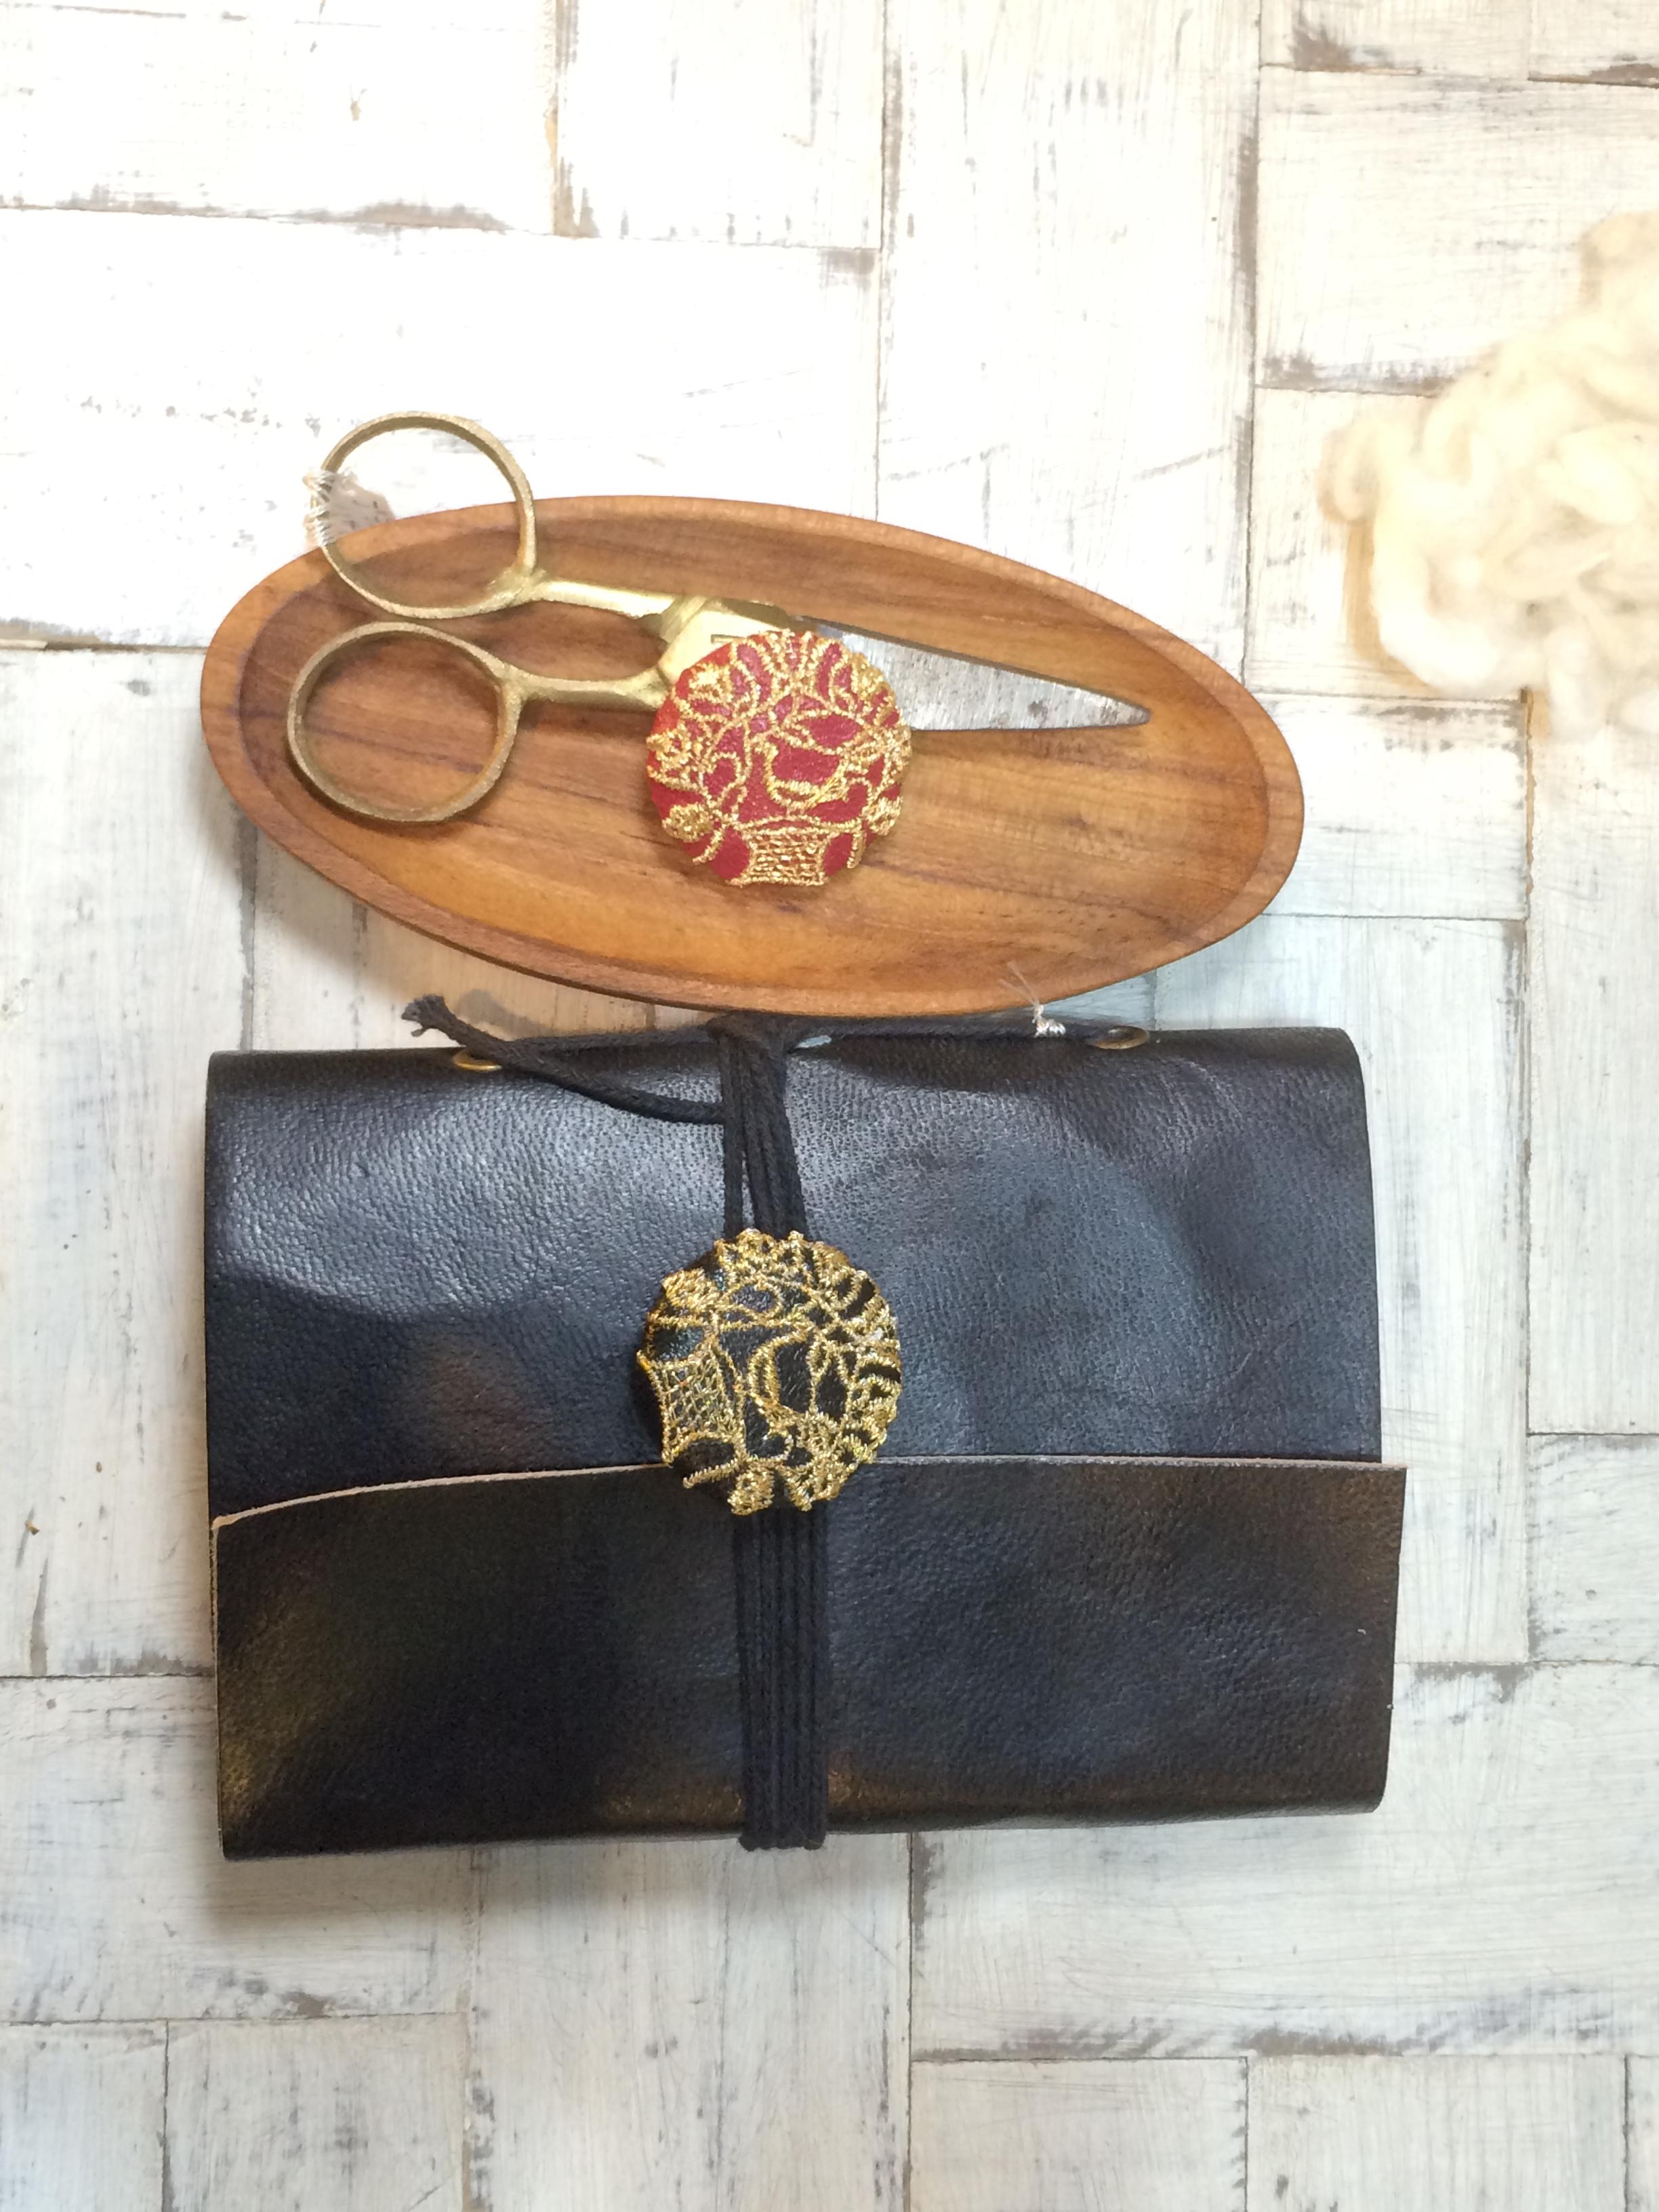 鳥カゴ[金]刺繍くるみボタン黒革の手帳